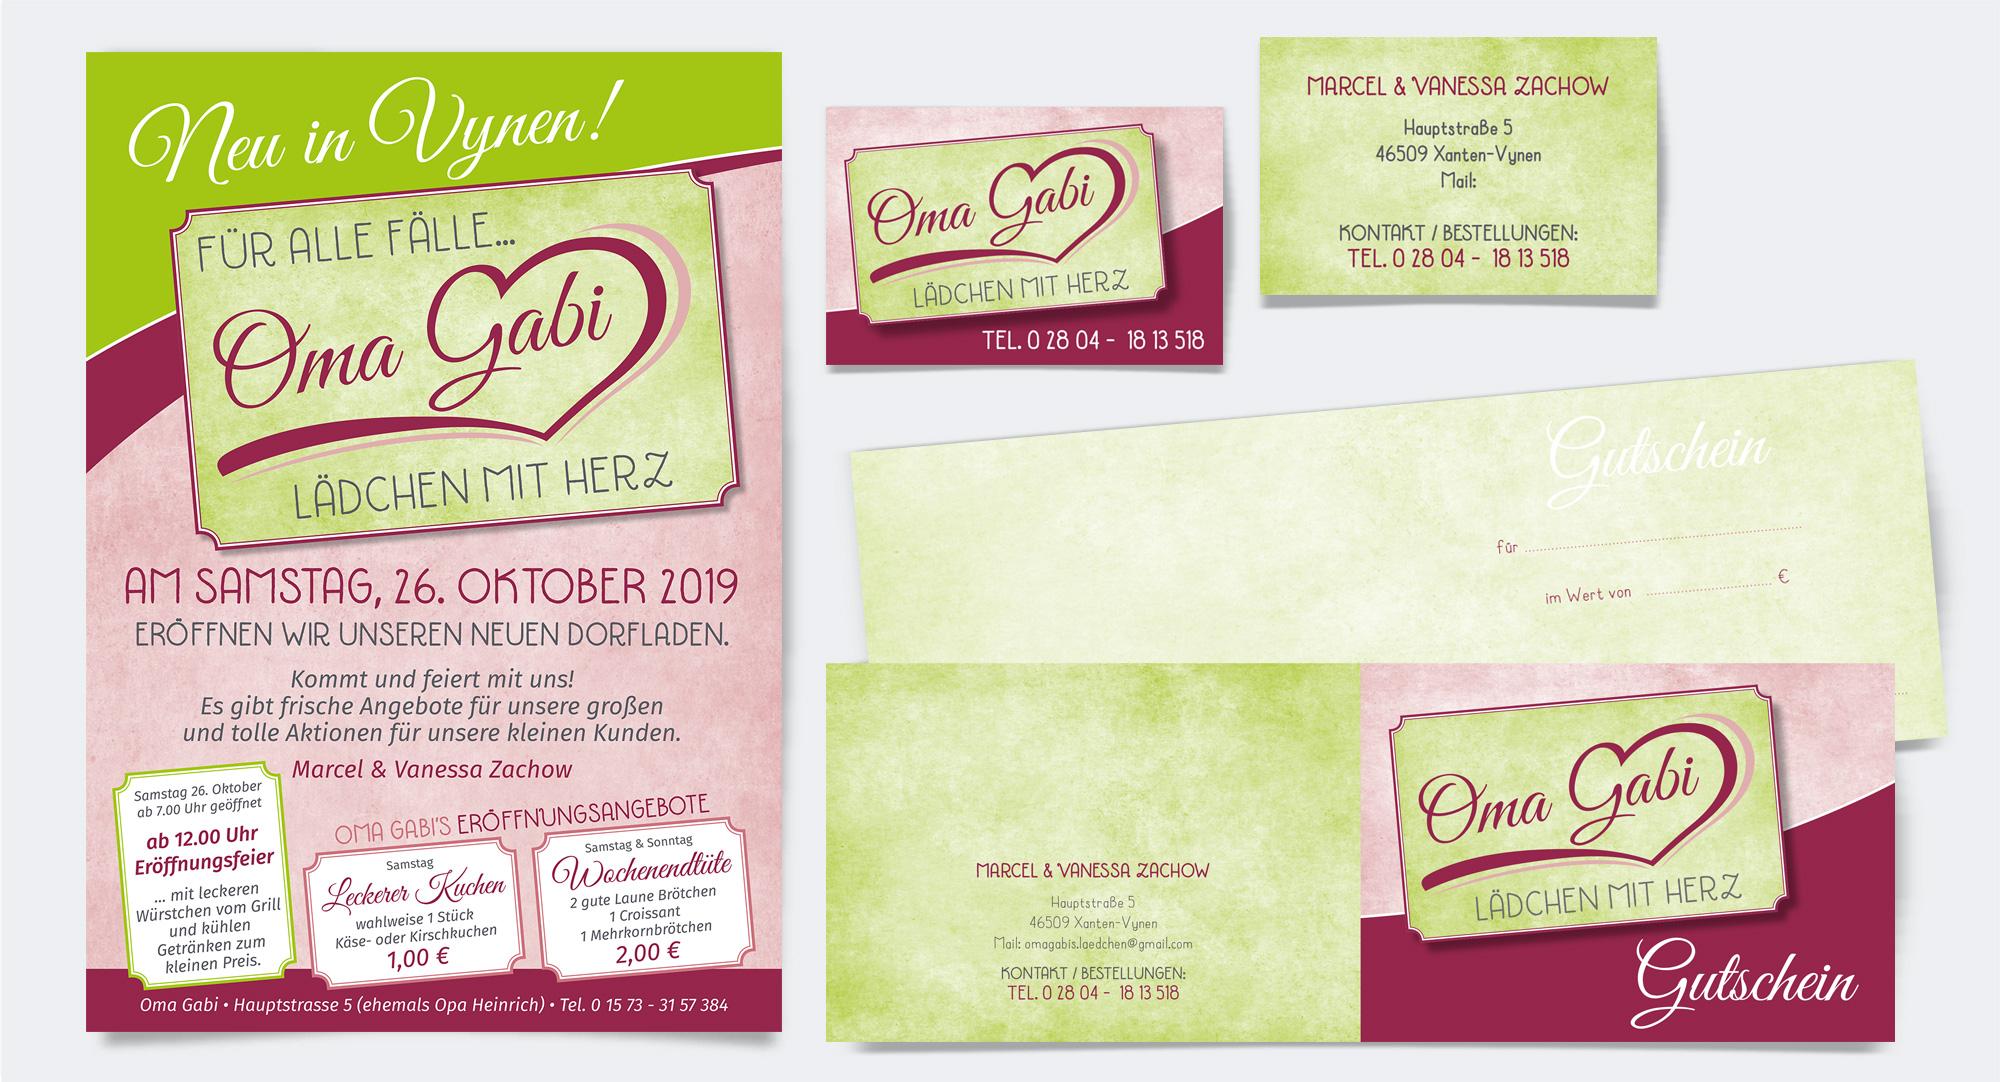 Oma Gabi, Dorfladen in Xanten-Vynen – Plakat, Visitenkarte, Gutschein